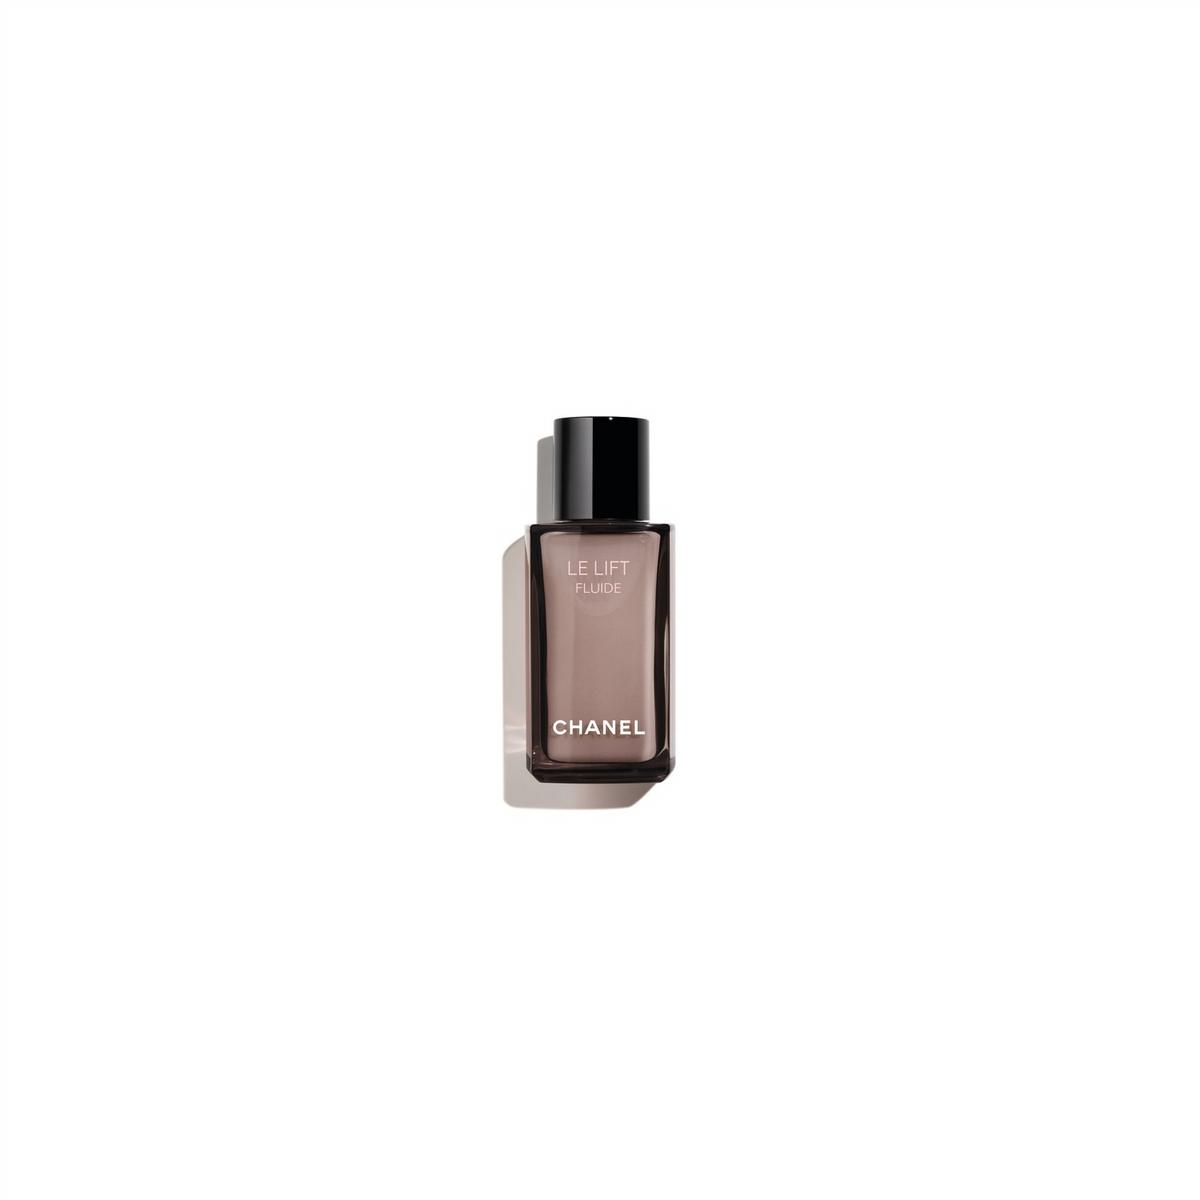 圈粉無數的香奈兒3.5-DA彈力緊緻活萃系列,再度推出「3.5-DA醇萃彈力緊緻乳」、「3.5-DA醇萃緊緻彈力唇霜」,層層疊加幫你養出澎潤光澤肌